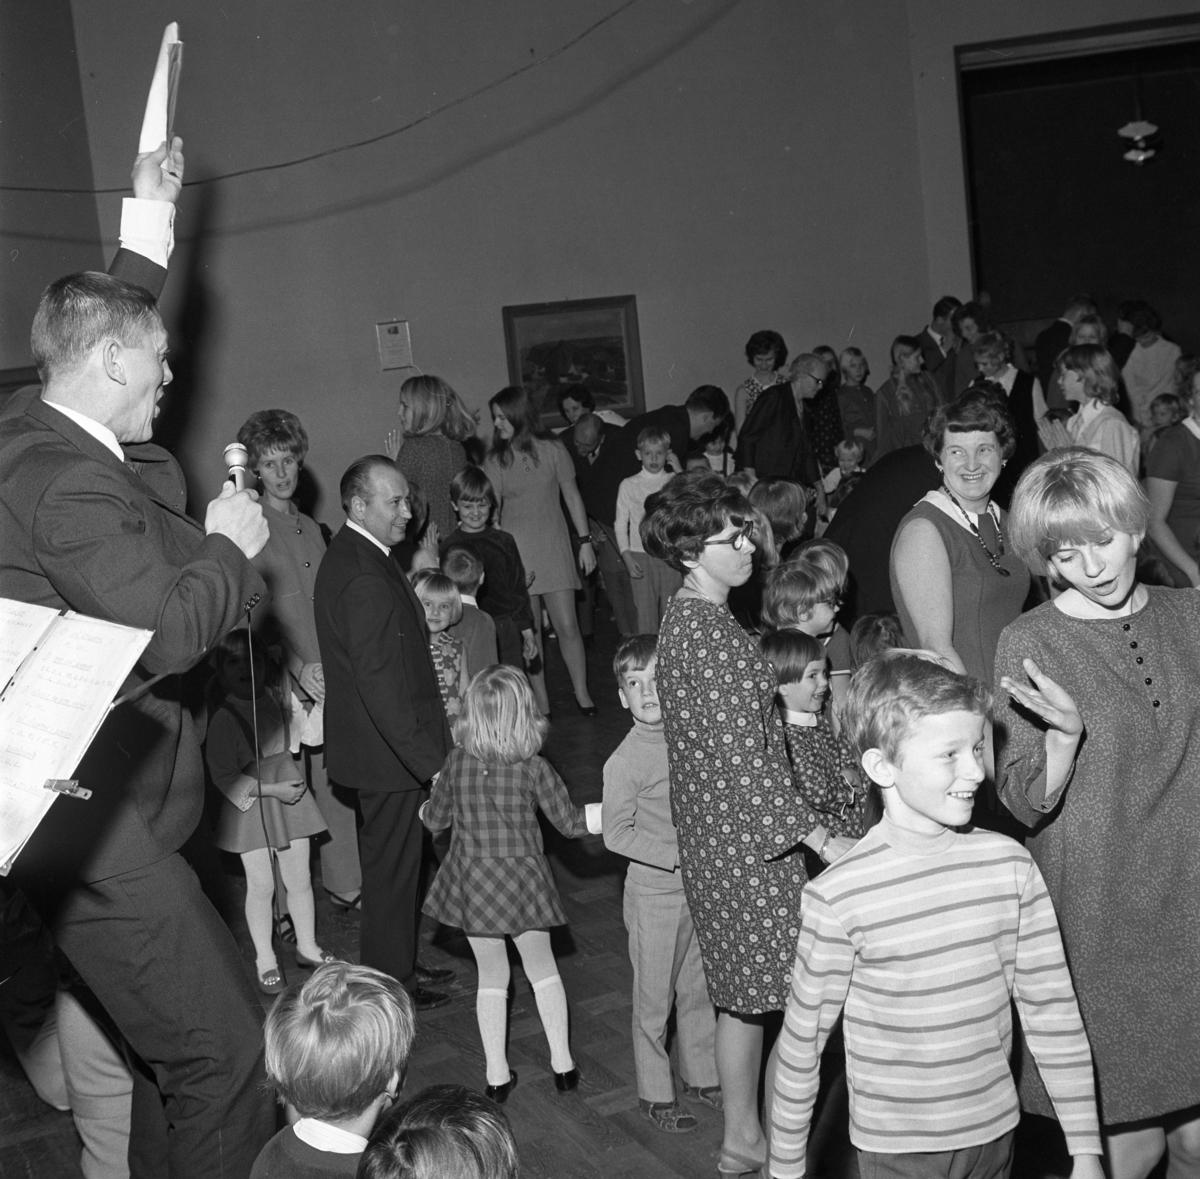 FCTF har julgransplundring. Alla åldrar dansar ringlekar. Kurt Gren är dansledare. Mannen framför honom, är Lärnemark (som arbetar på underhållsavdelningen). Bakom honom står Margareta Lindberg. Försvarets Civila TjänstemannaFörbund Centrala Verkstaden Arboga